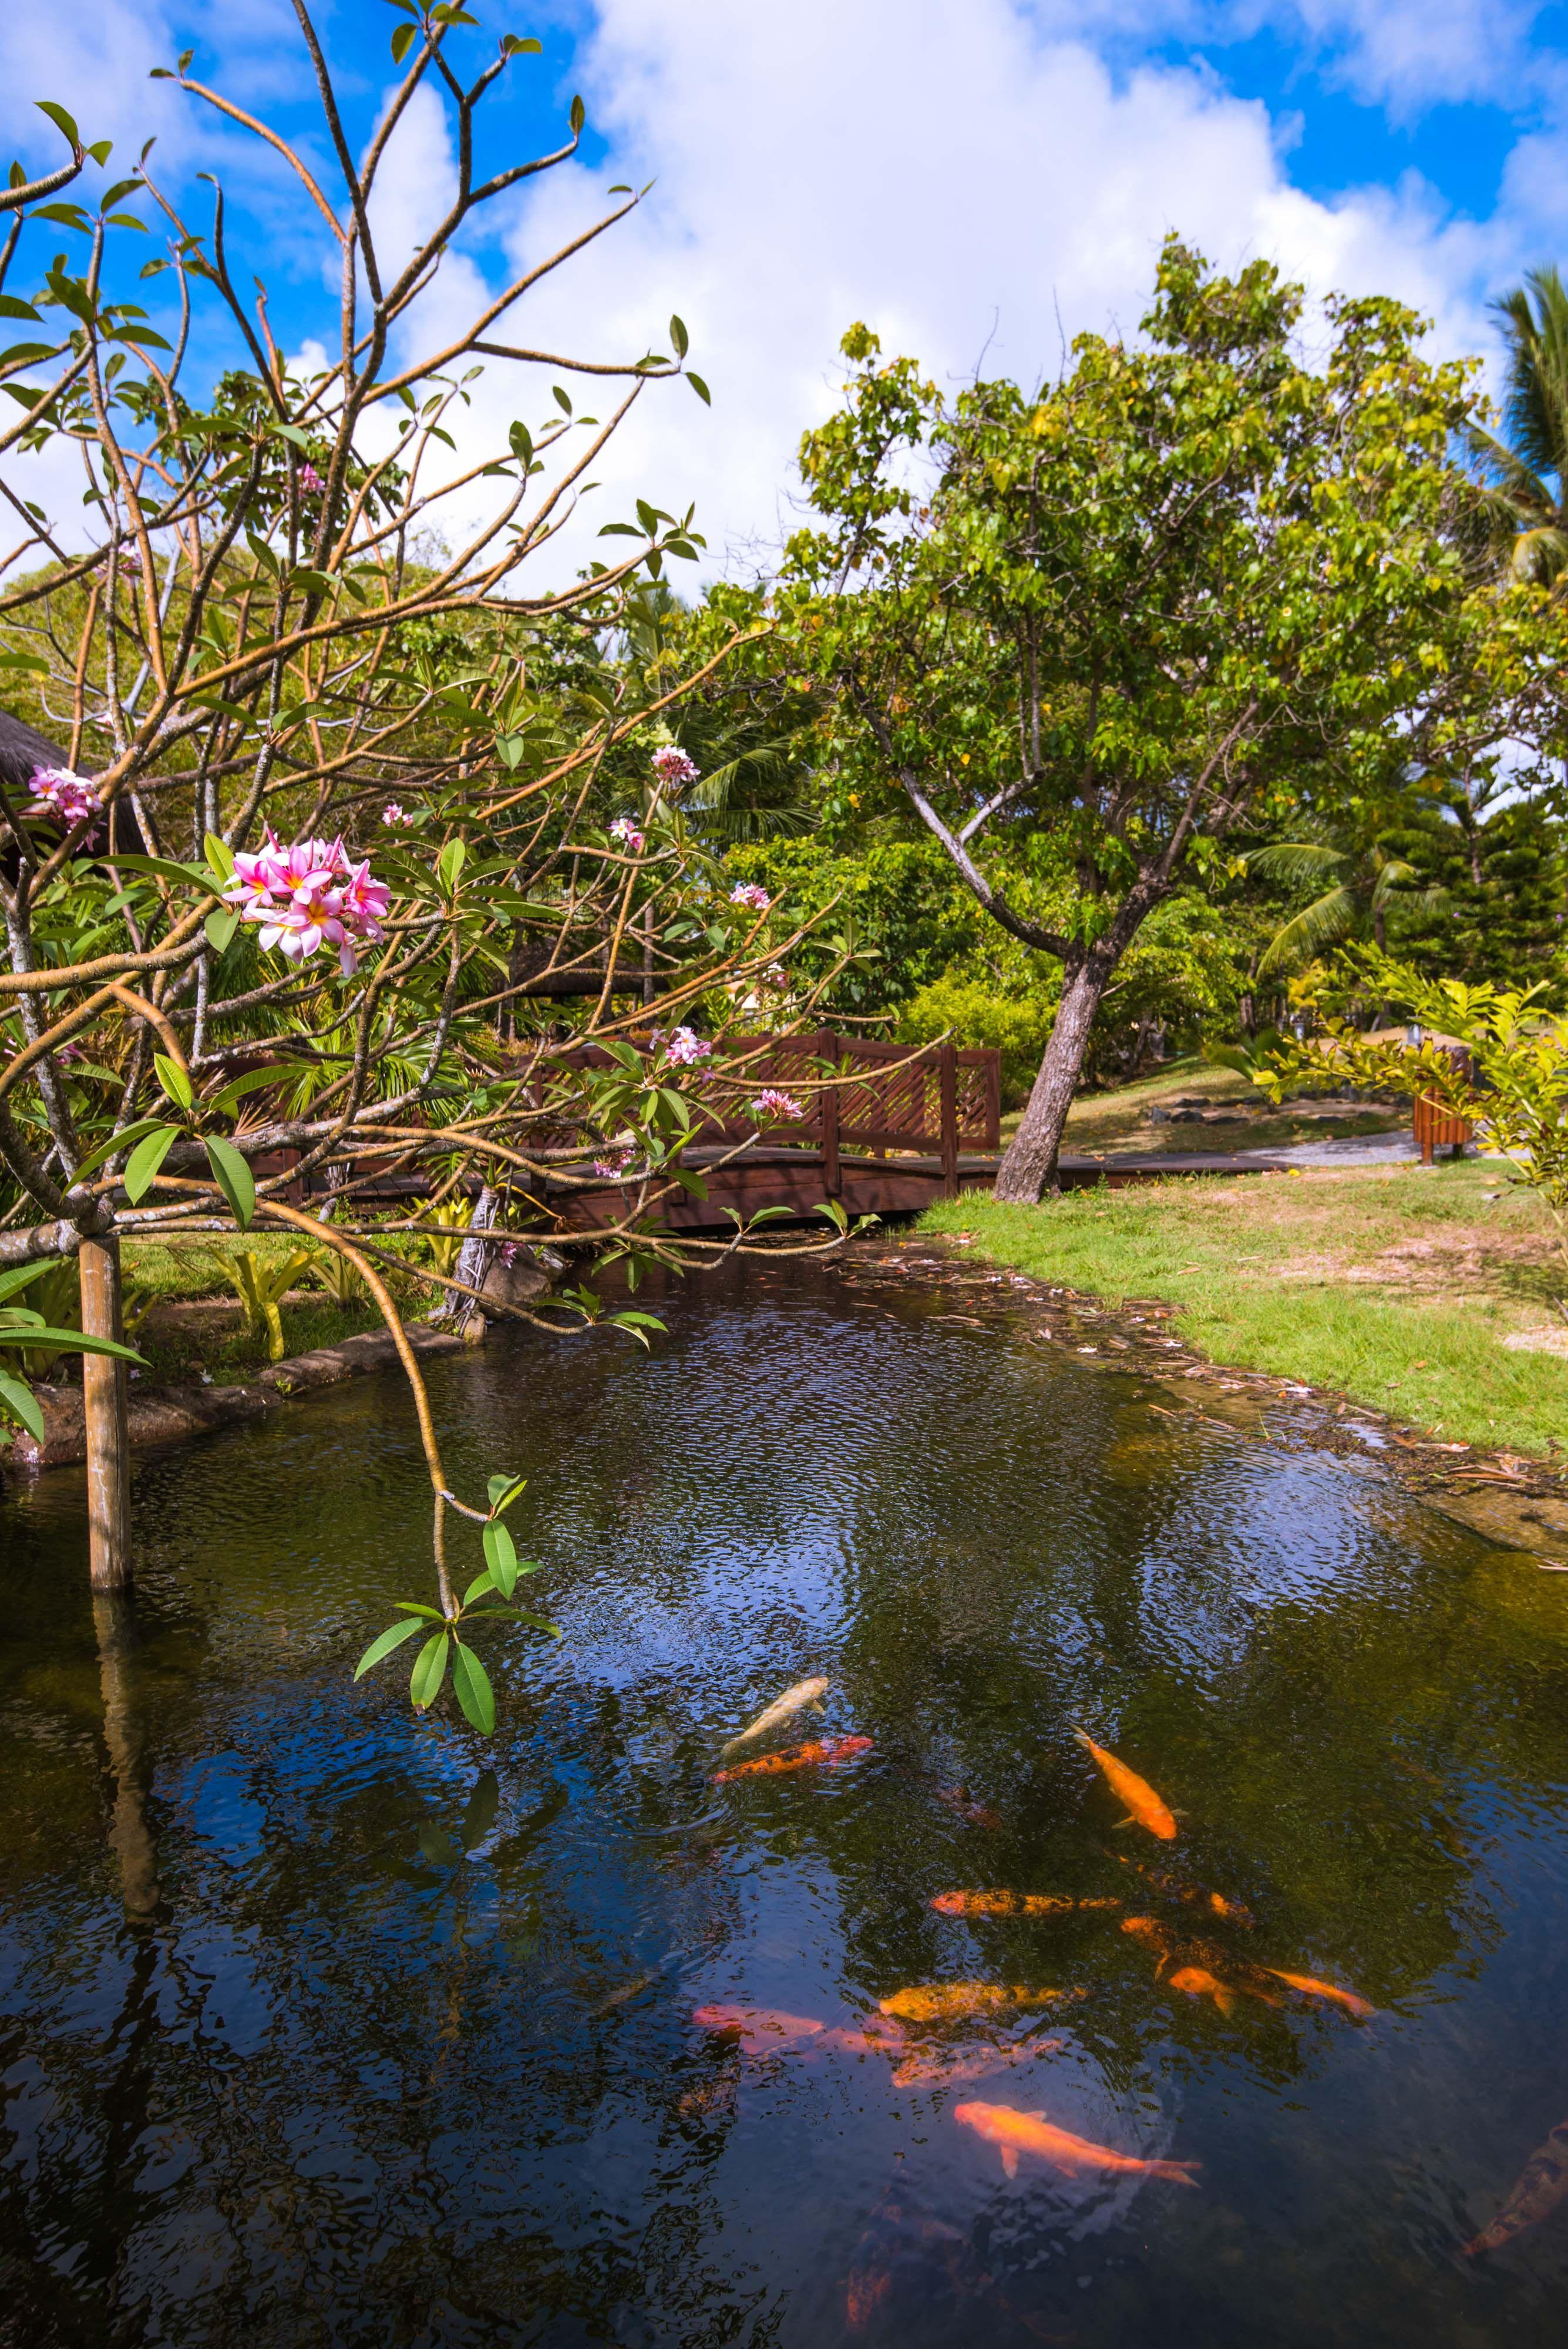 Natureza Vila Gale Eco Resort Do Cabo Pernambuco Brasil